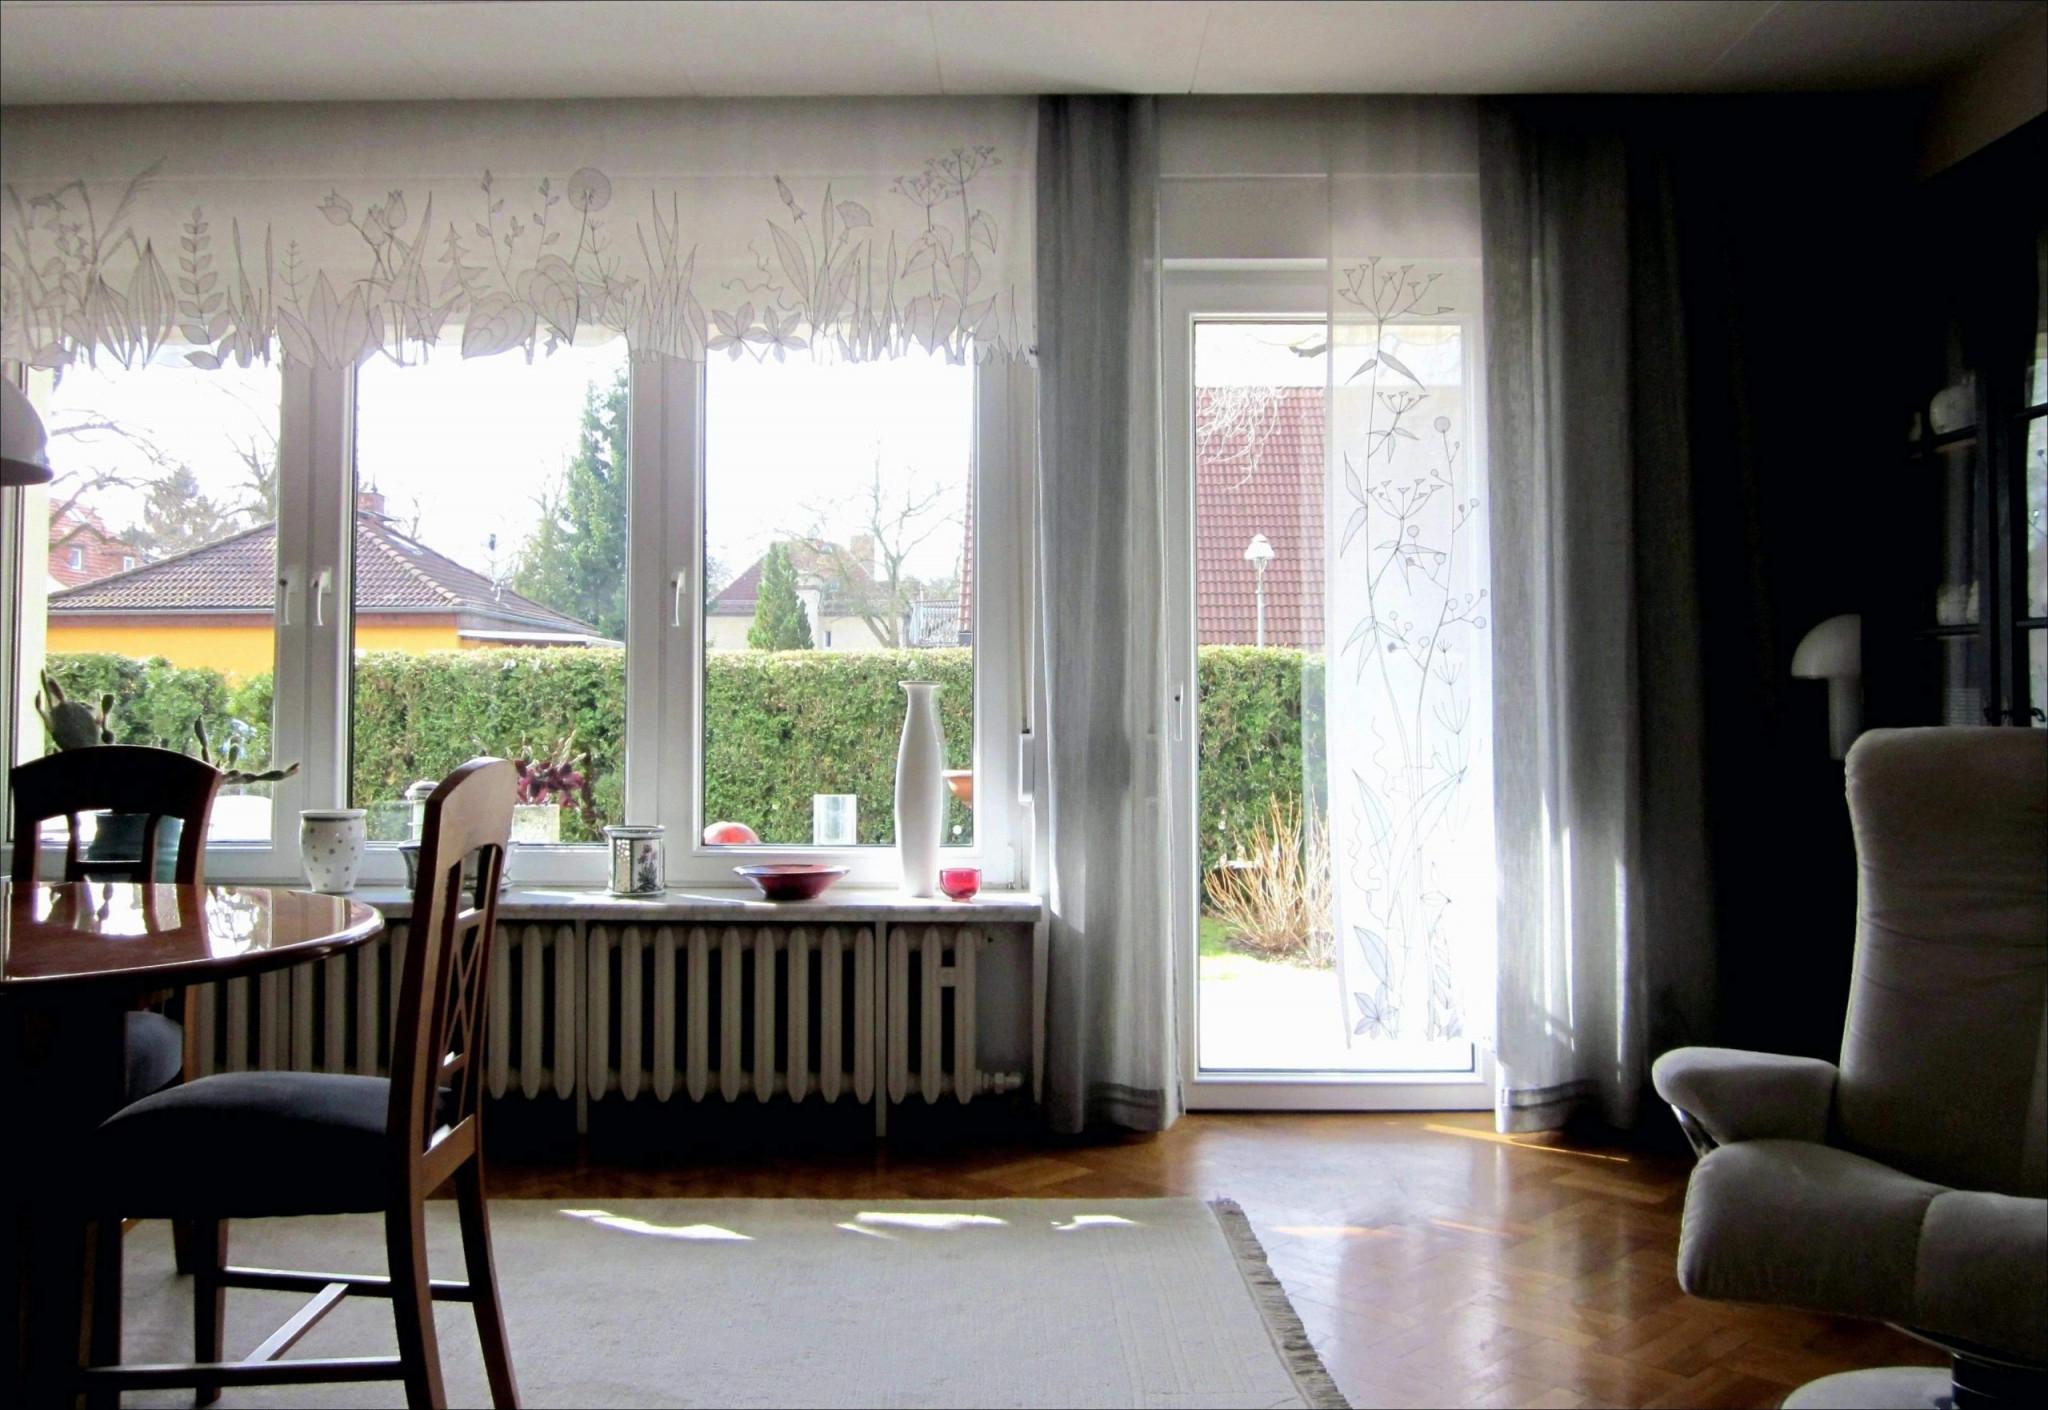 Fenster Gardinen Wohnzimmer Das Beste Von 59 Elegant Fenster von Wohnzimmer Fenster Gardinen Photo